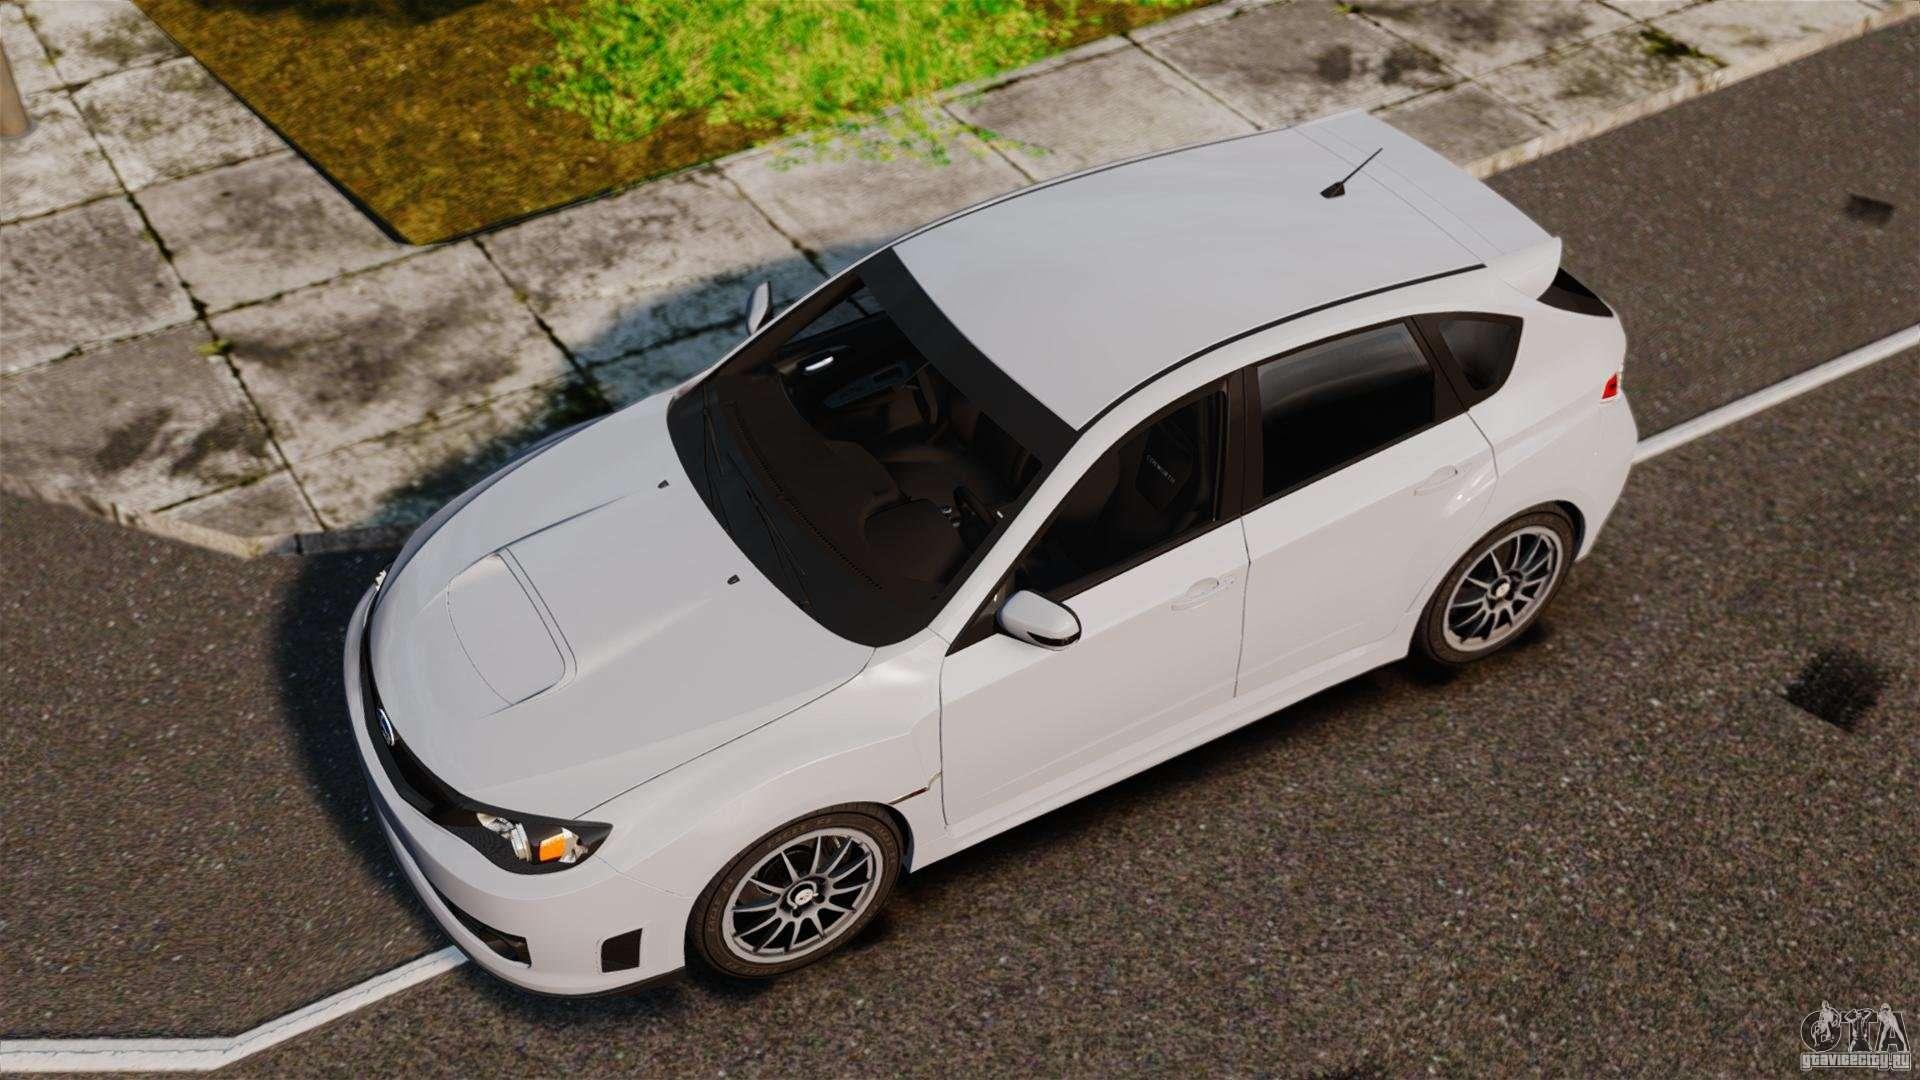 Subaru impreza cosworth sti cs400 2010 v12 for gta 4 subaru impreza cosworth sti cs400 2010 v12 for gta 4 right view vanachro Choice Image